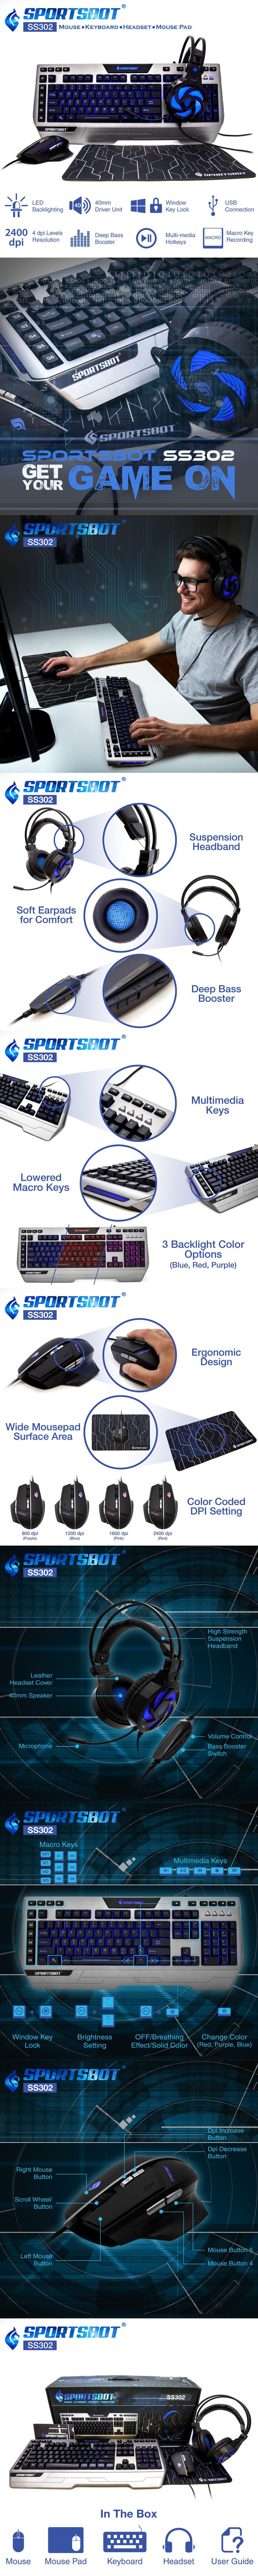 美國聲霸SportsBot SS302 LED競技鍵盤滑鼠耳機滑鼠墊電競遊戲四合一組